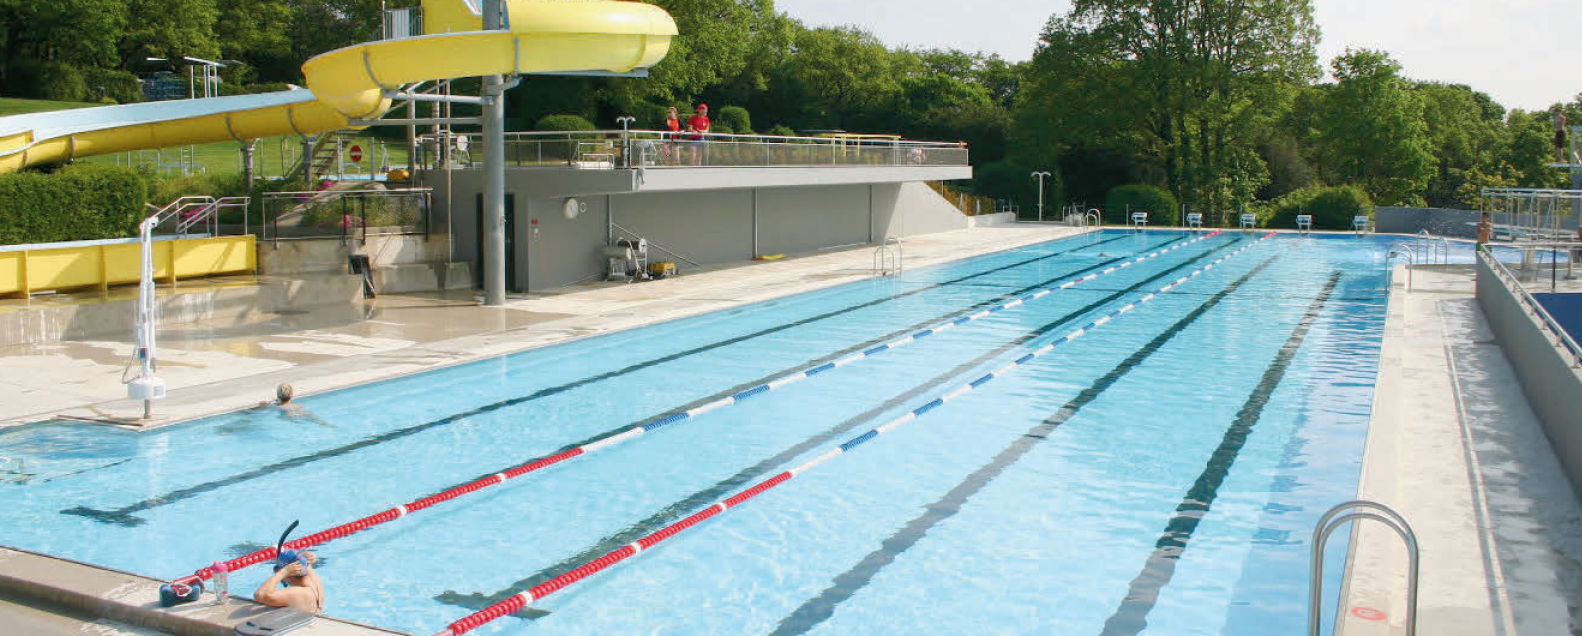 La Sarraz – La piscine est ouverte